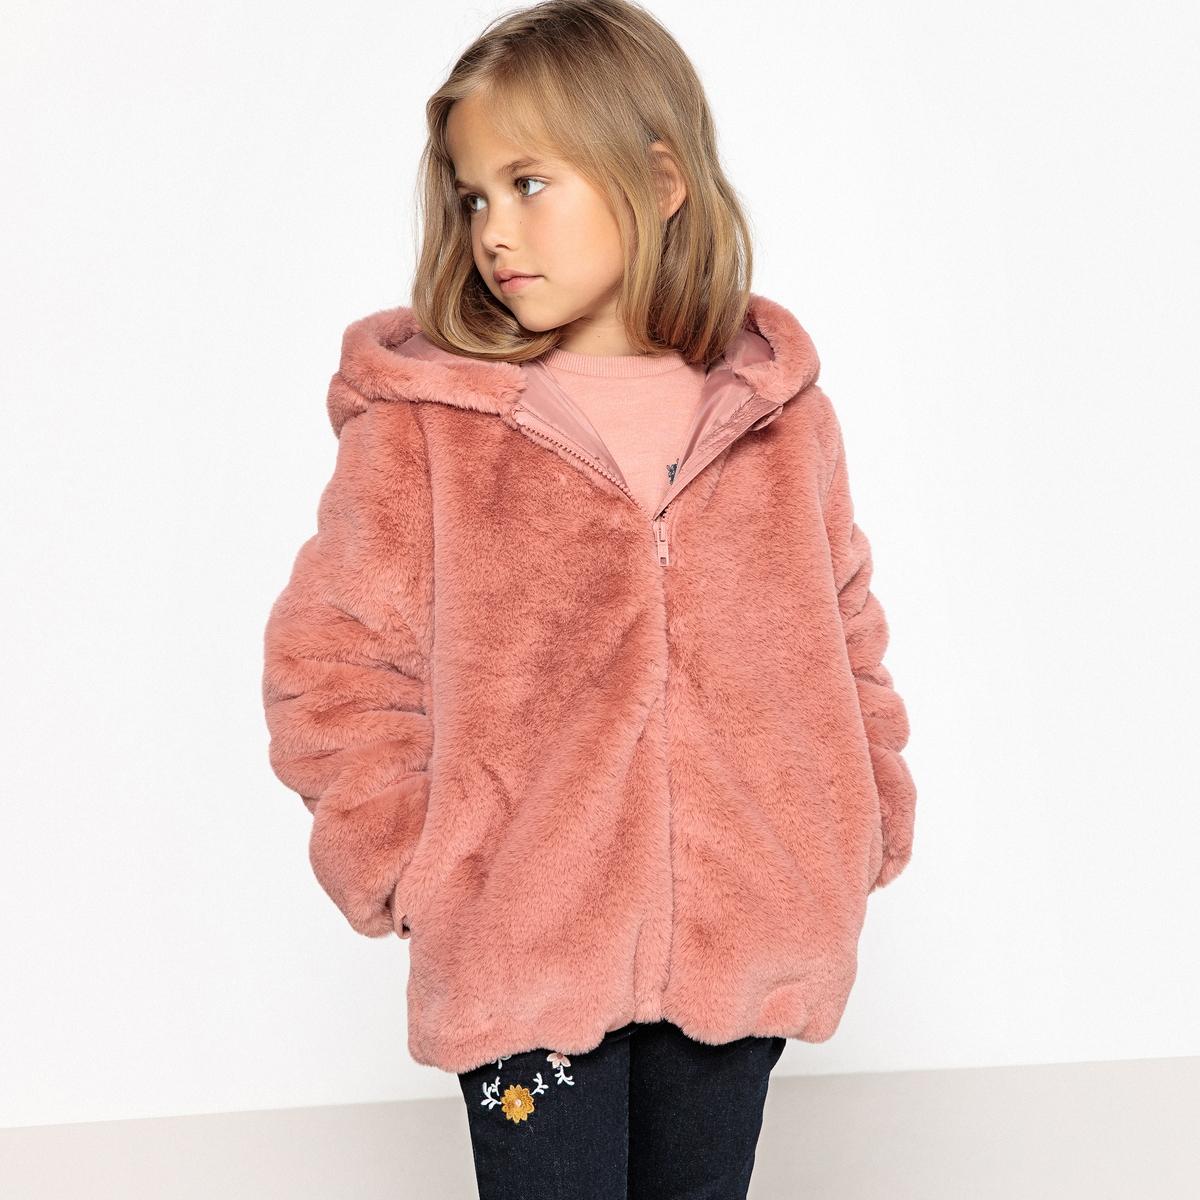 Пальто LaRedoute Мягкой с капюшоном 3-12 лет 3 года - 94 см розовый парка la redoute с капюшоном 3 года 94 см зеленый